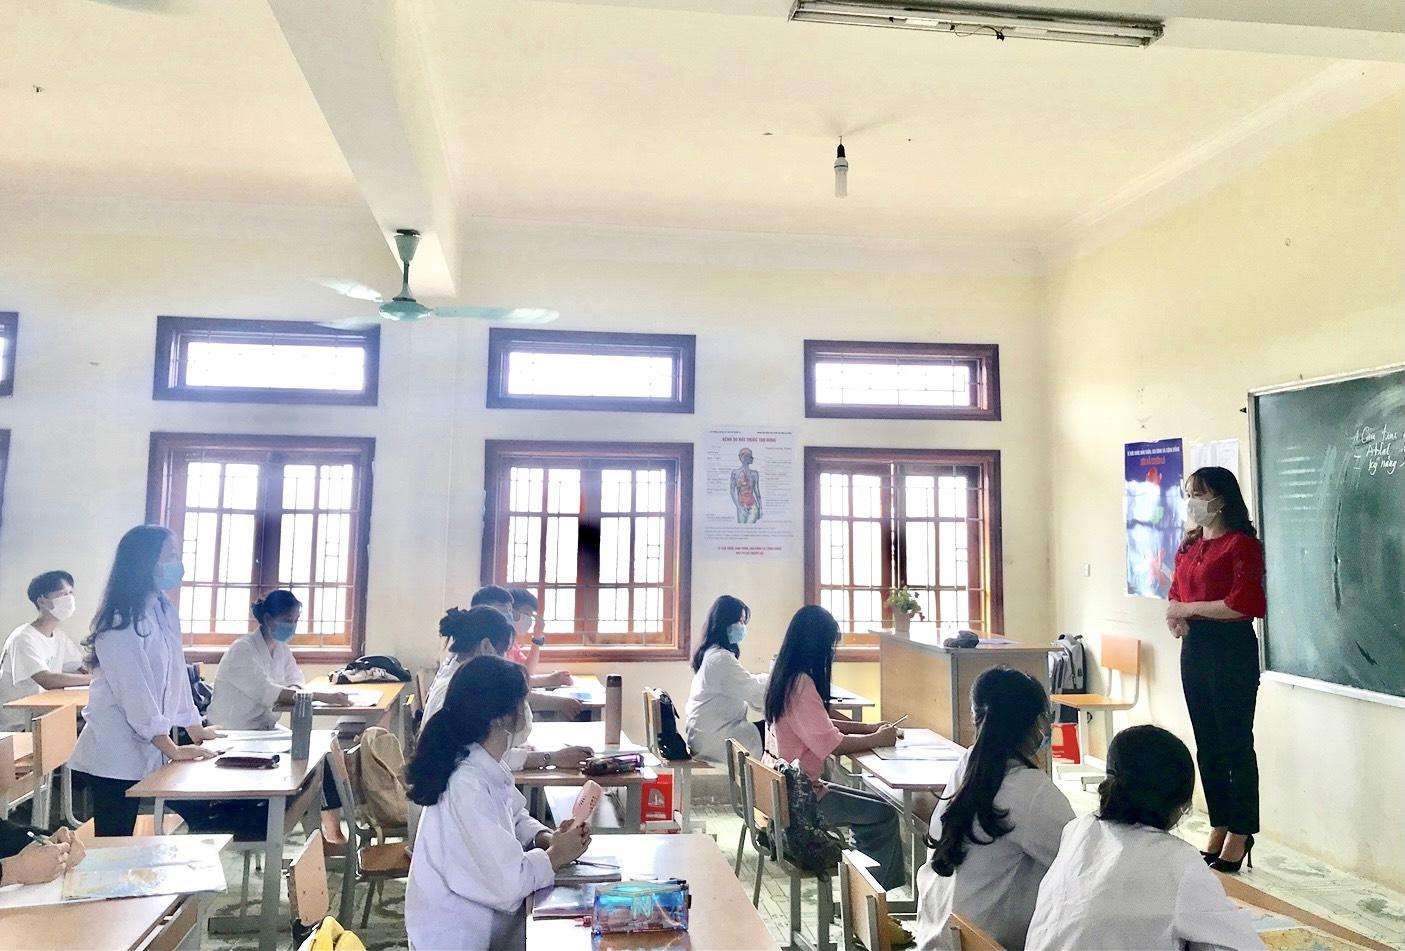 Học sinh lớp 12 Trường THPT Tân Uyên (huyện Tân Uyên, Lai Châu) ôn thi tốt nghiệp, thực hiện nghiêm công tác phòng, chống Covid -19